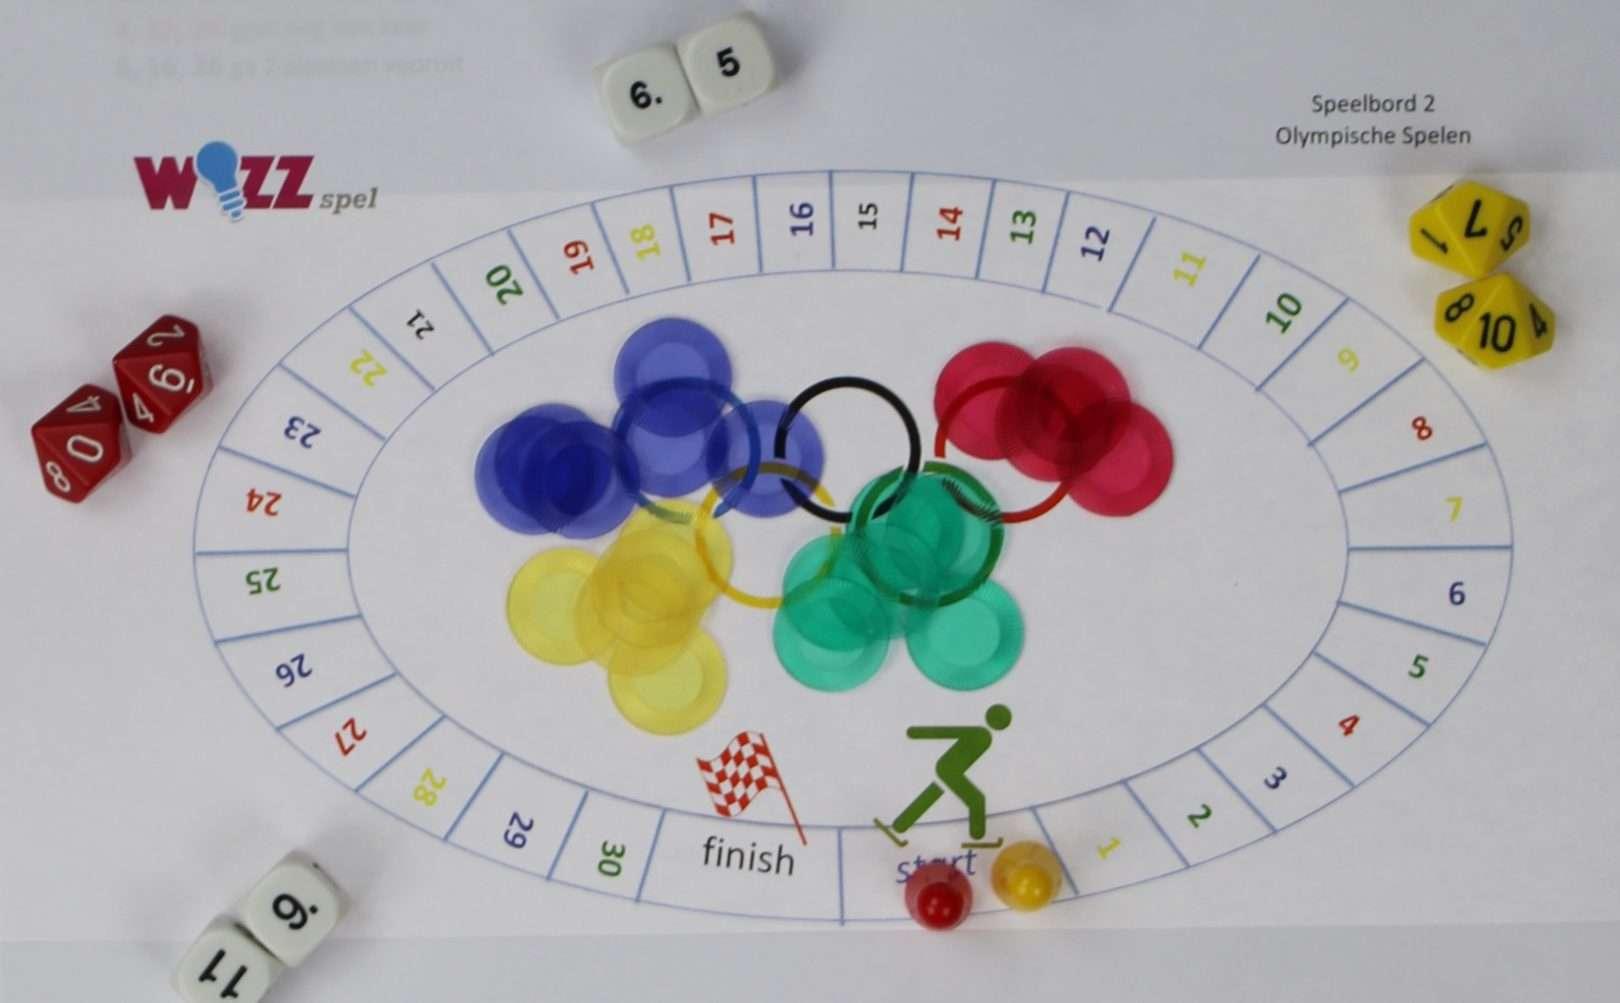 Bekend Dobbelspellen Olympische Spelen KW01